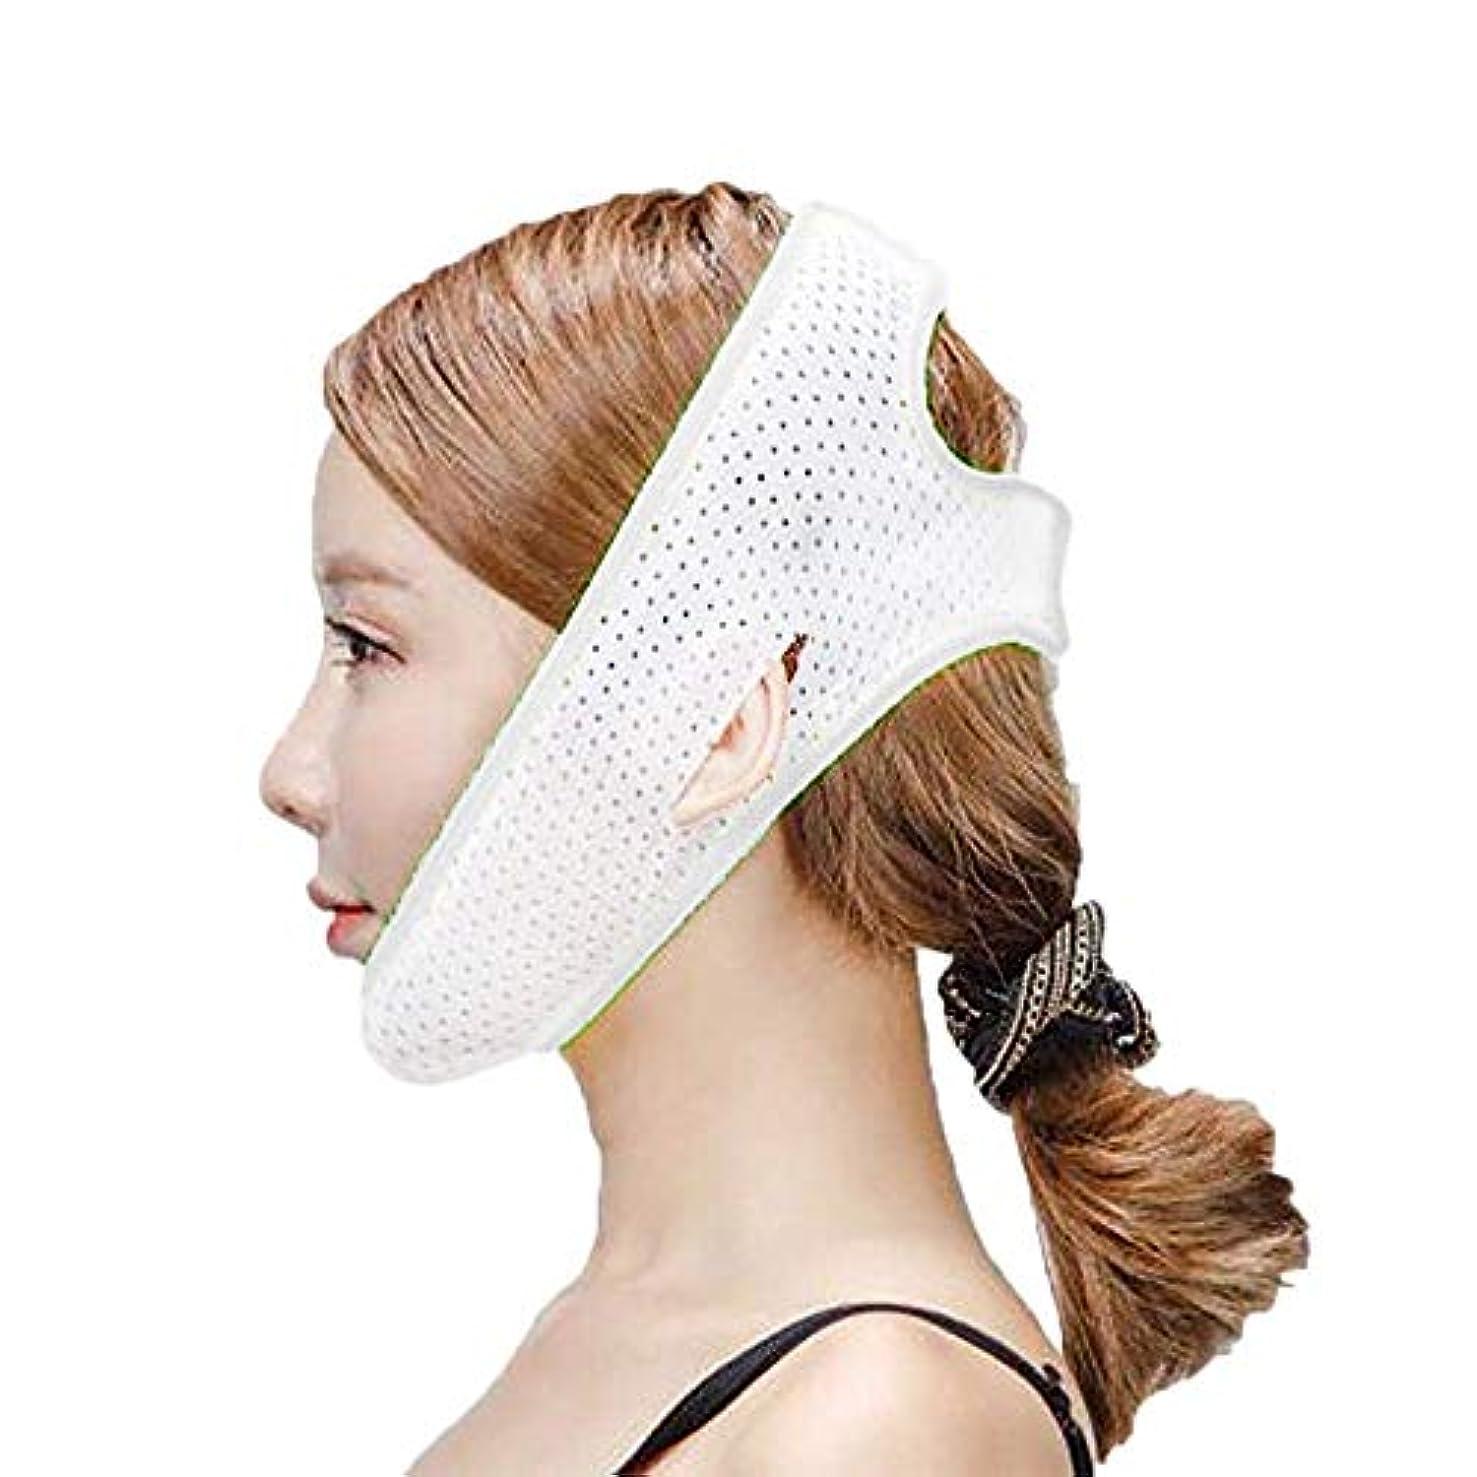 有名なまあ問い合わせるフェイスリフトマスク、ダブルチンストラップ、フェイシャル減量マスク、フェイシャルダブルチンケアスリミングマスク、リンクルマスク(フリーサイズ)(カラー:ブラック),白